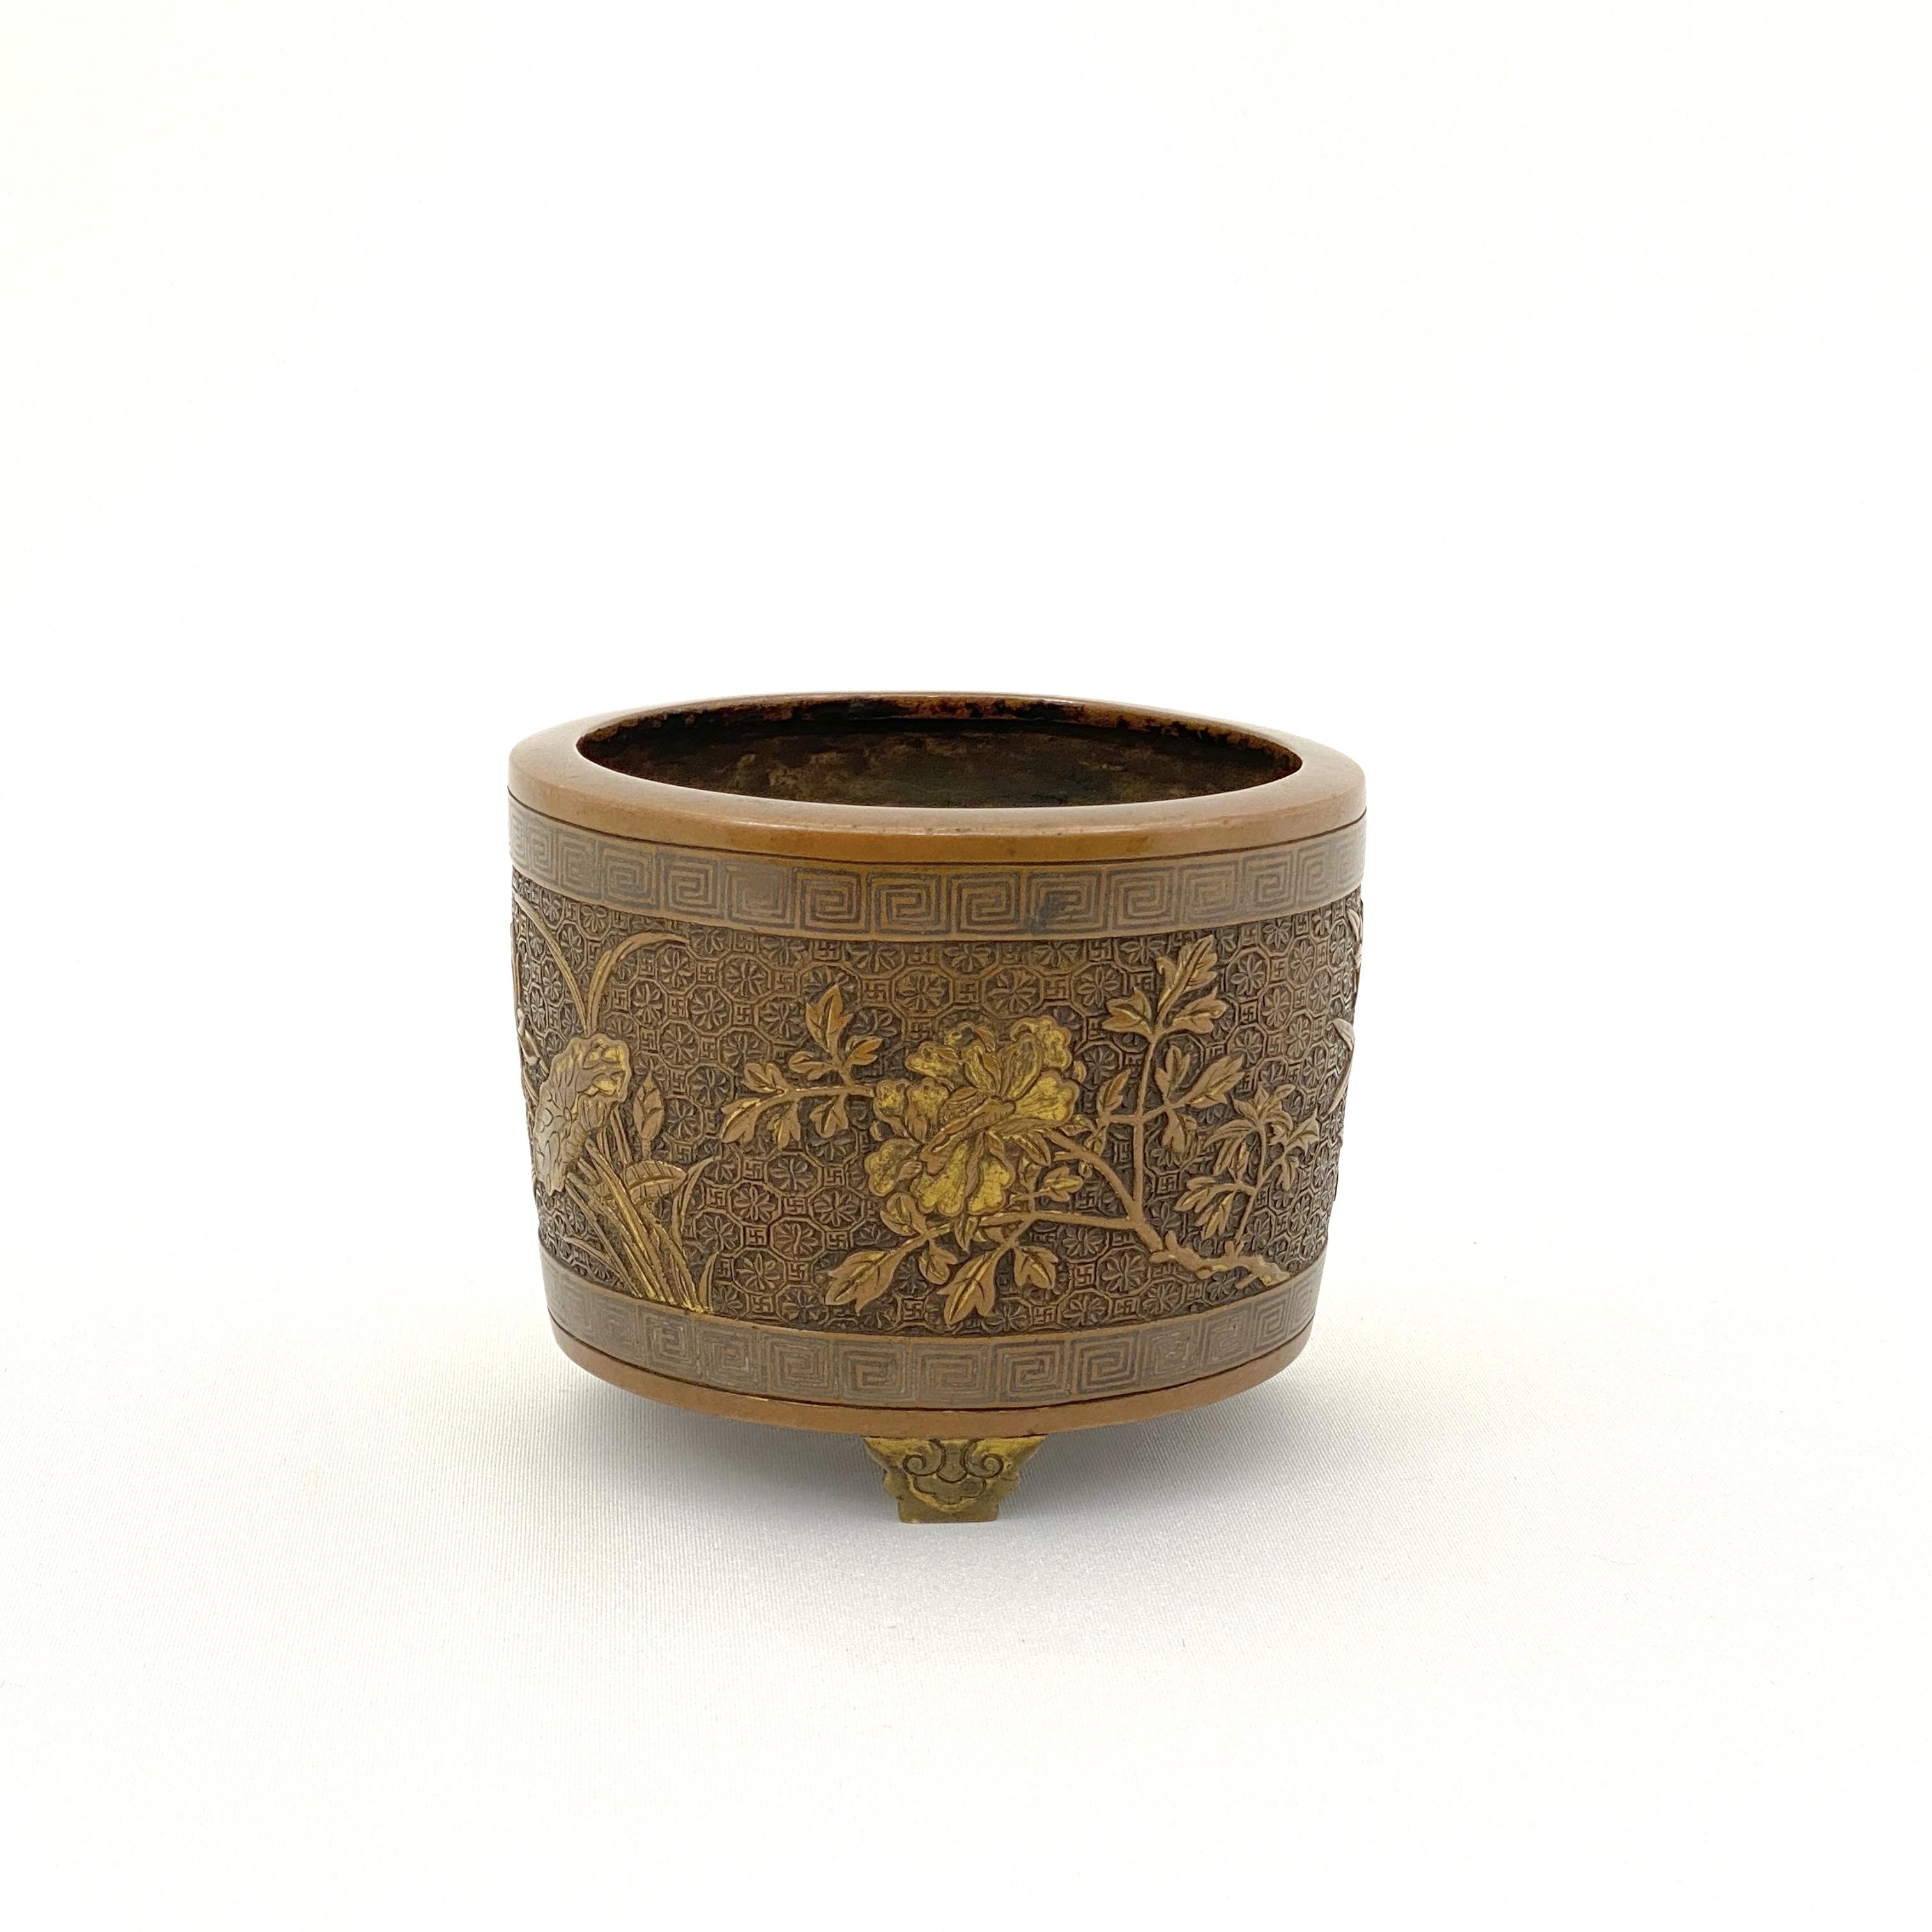 20015明晩期「雲間胡文明製」款 銅鎏金鏨 刻花卉紋 爐